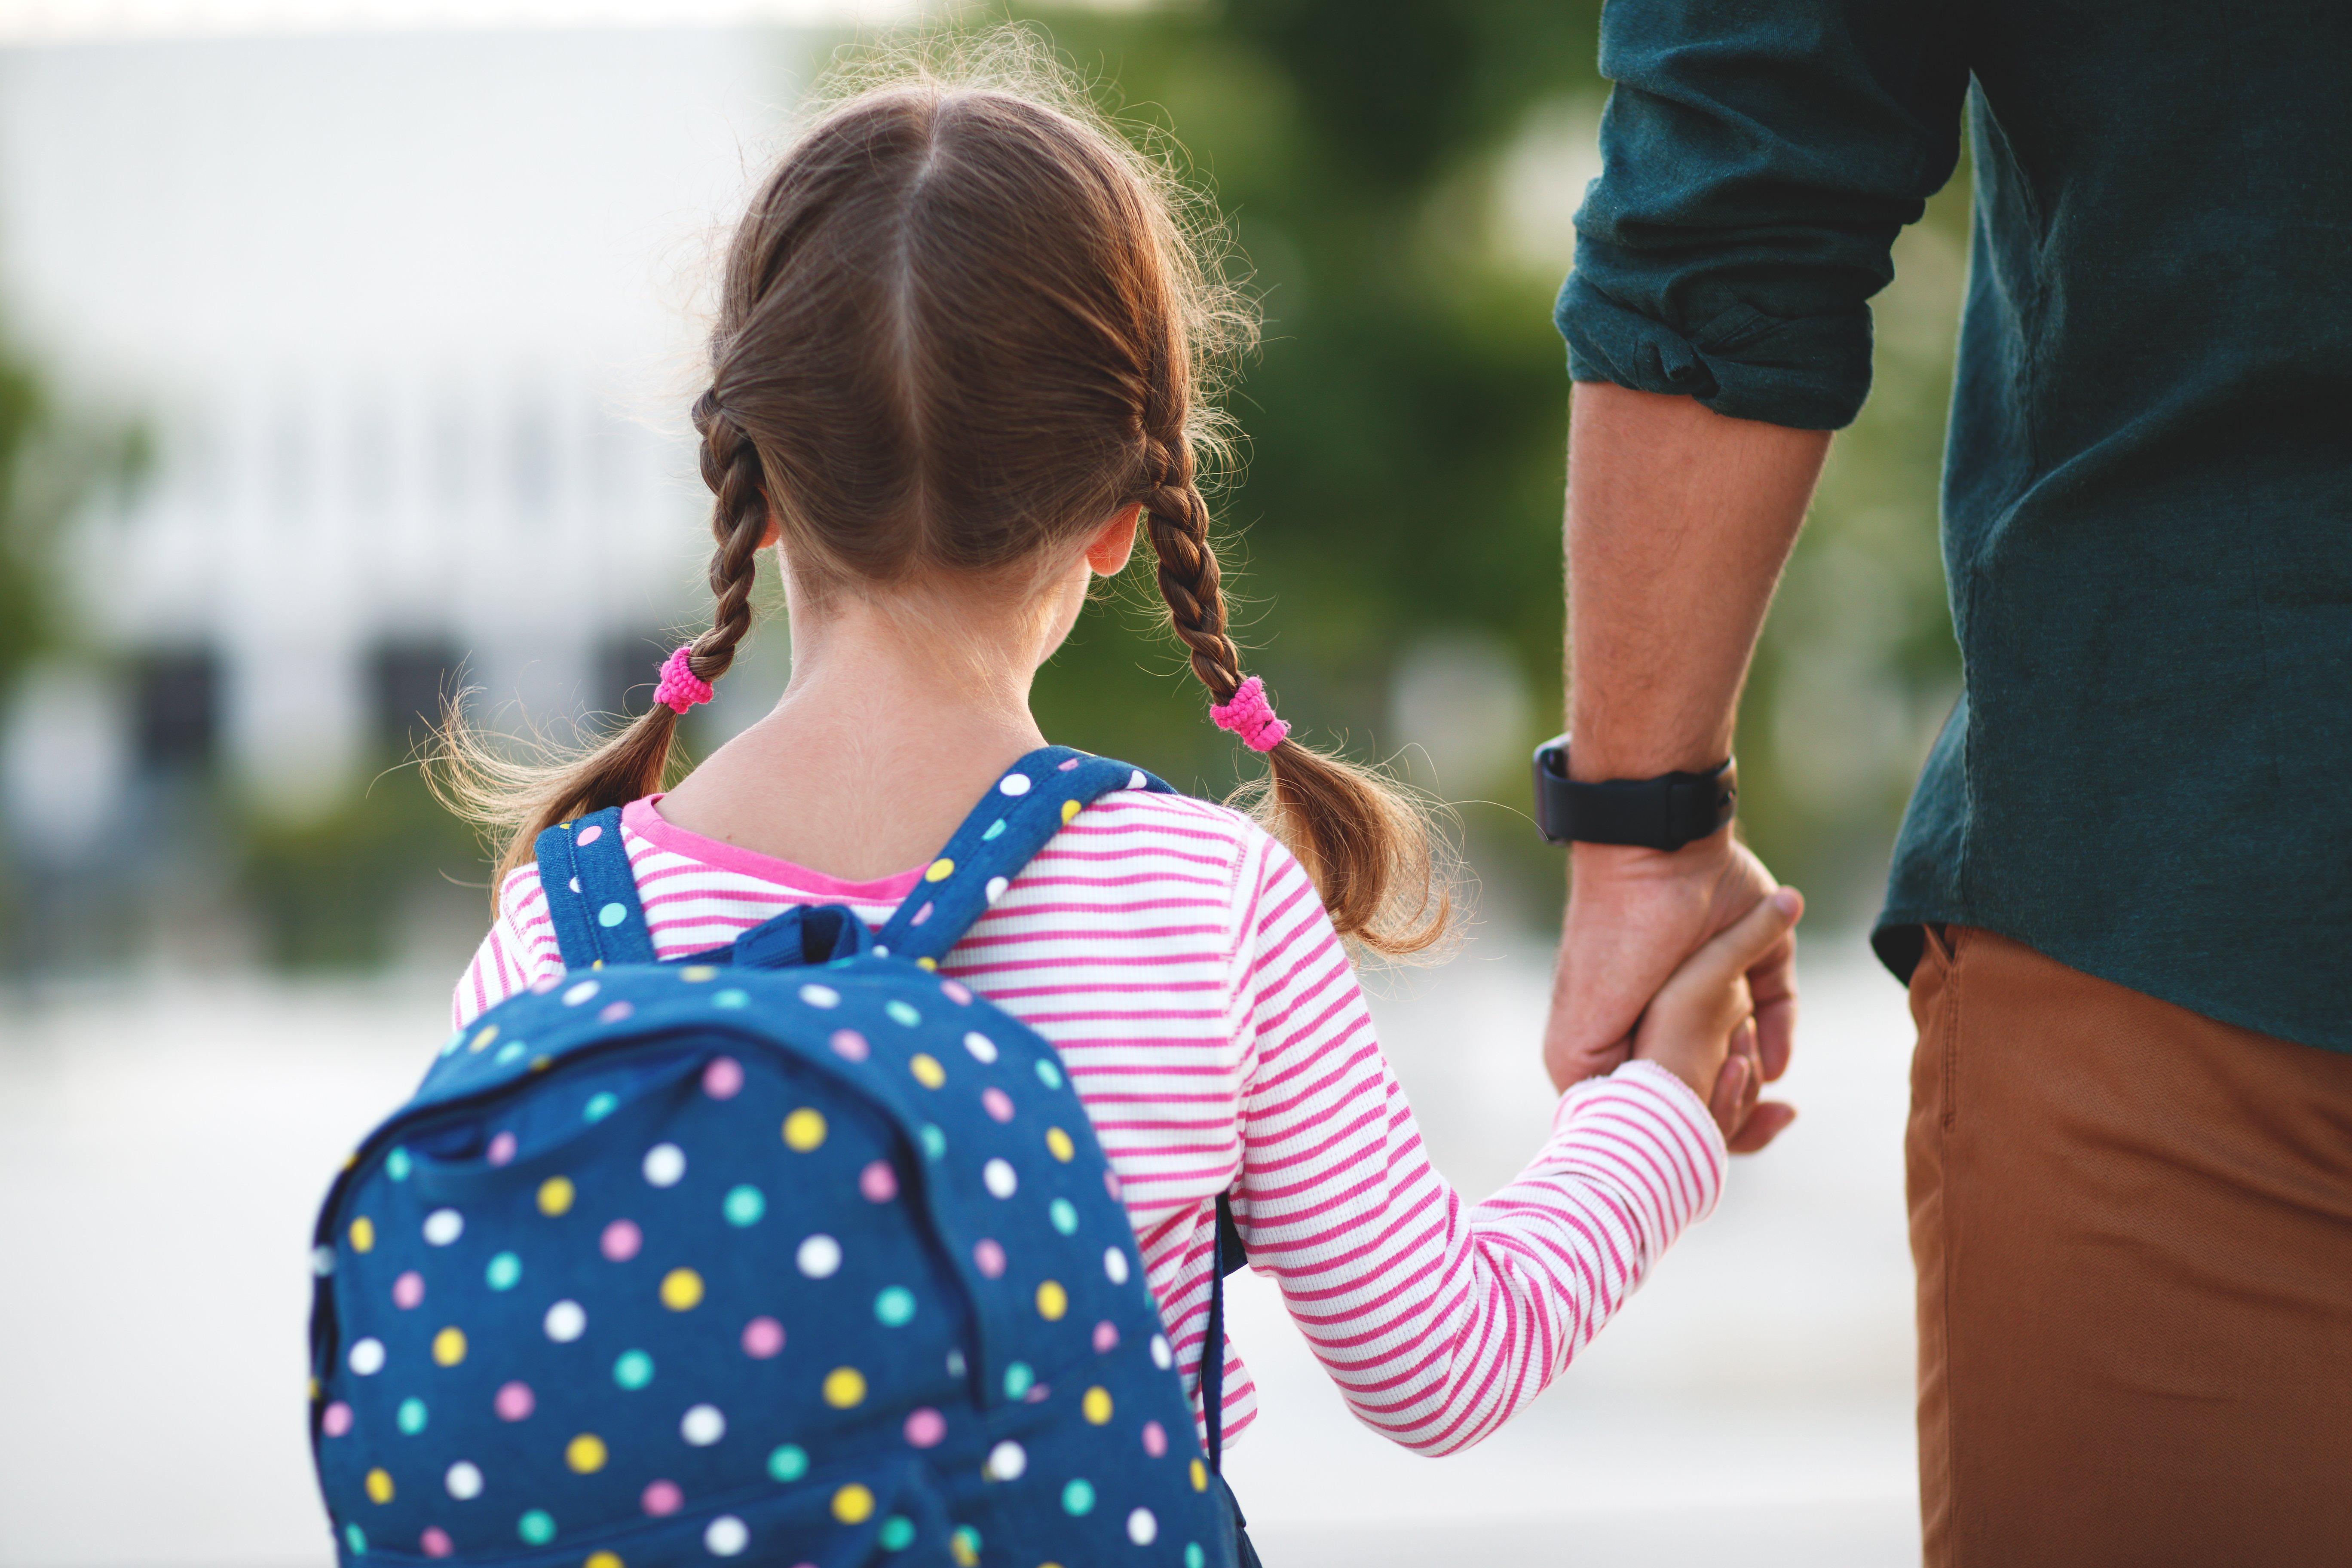 Niña va a la escuela. Fuente: Shutterstock